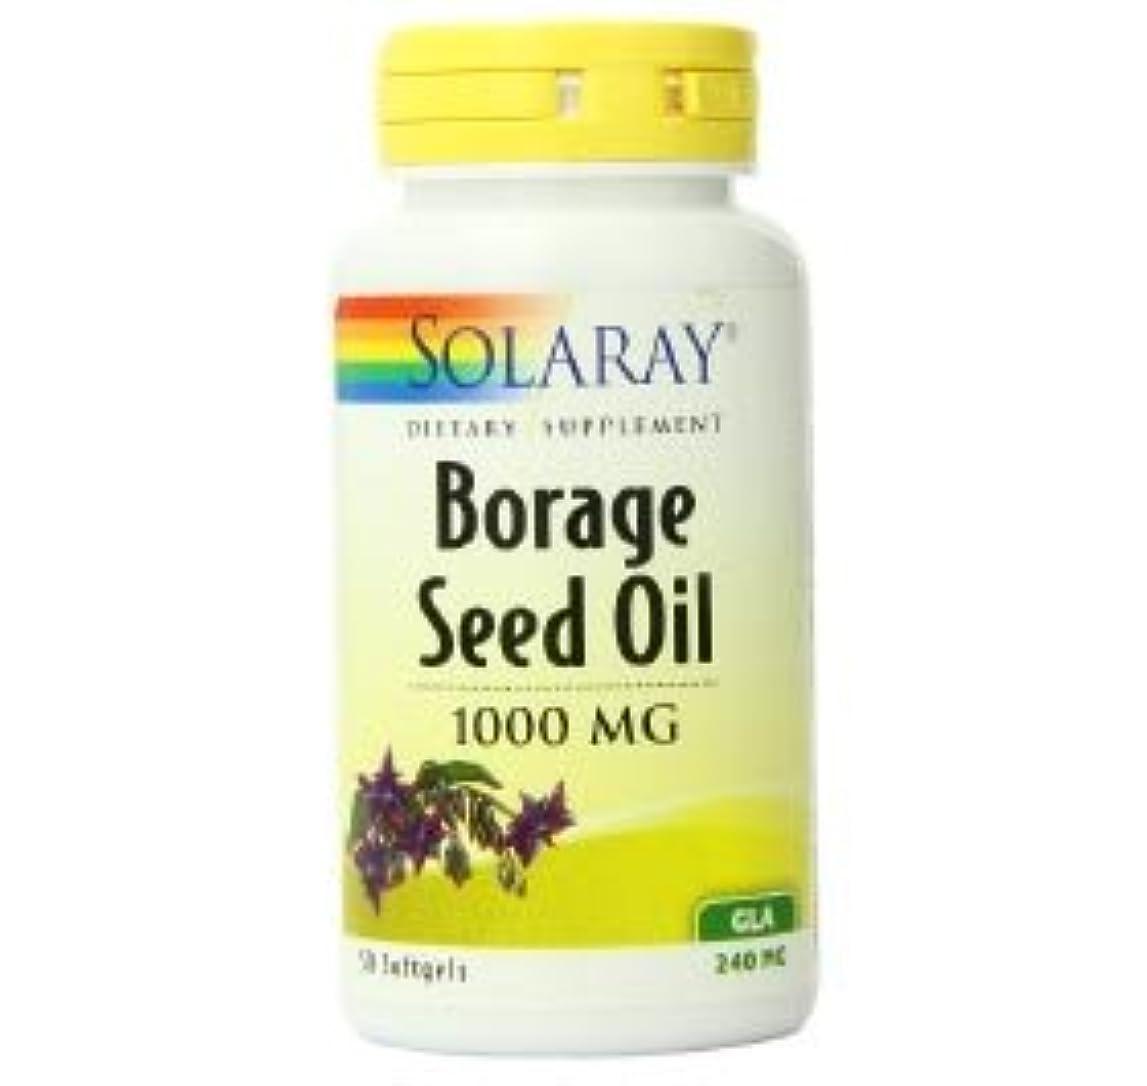 溶ける現代の懇願する【海外直送品】SOLARAY - Borage seed oil - 50softgel ボラージシードオイル